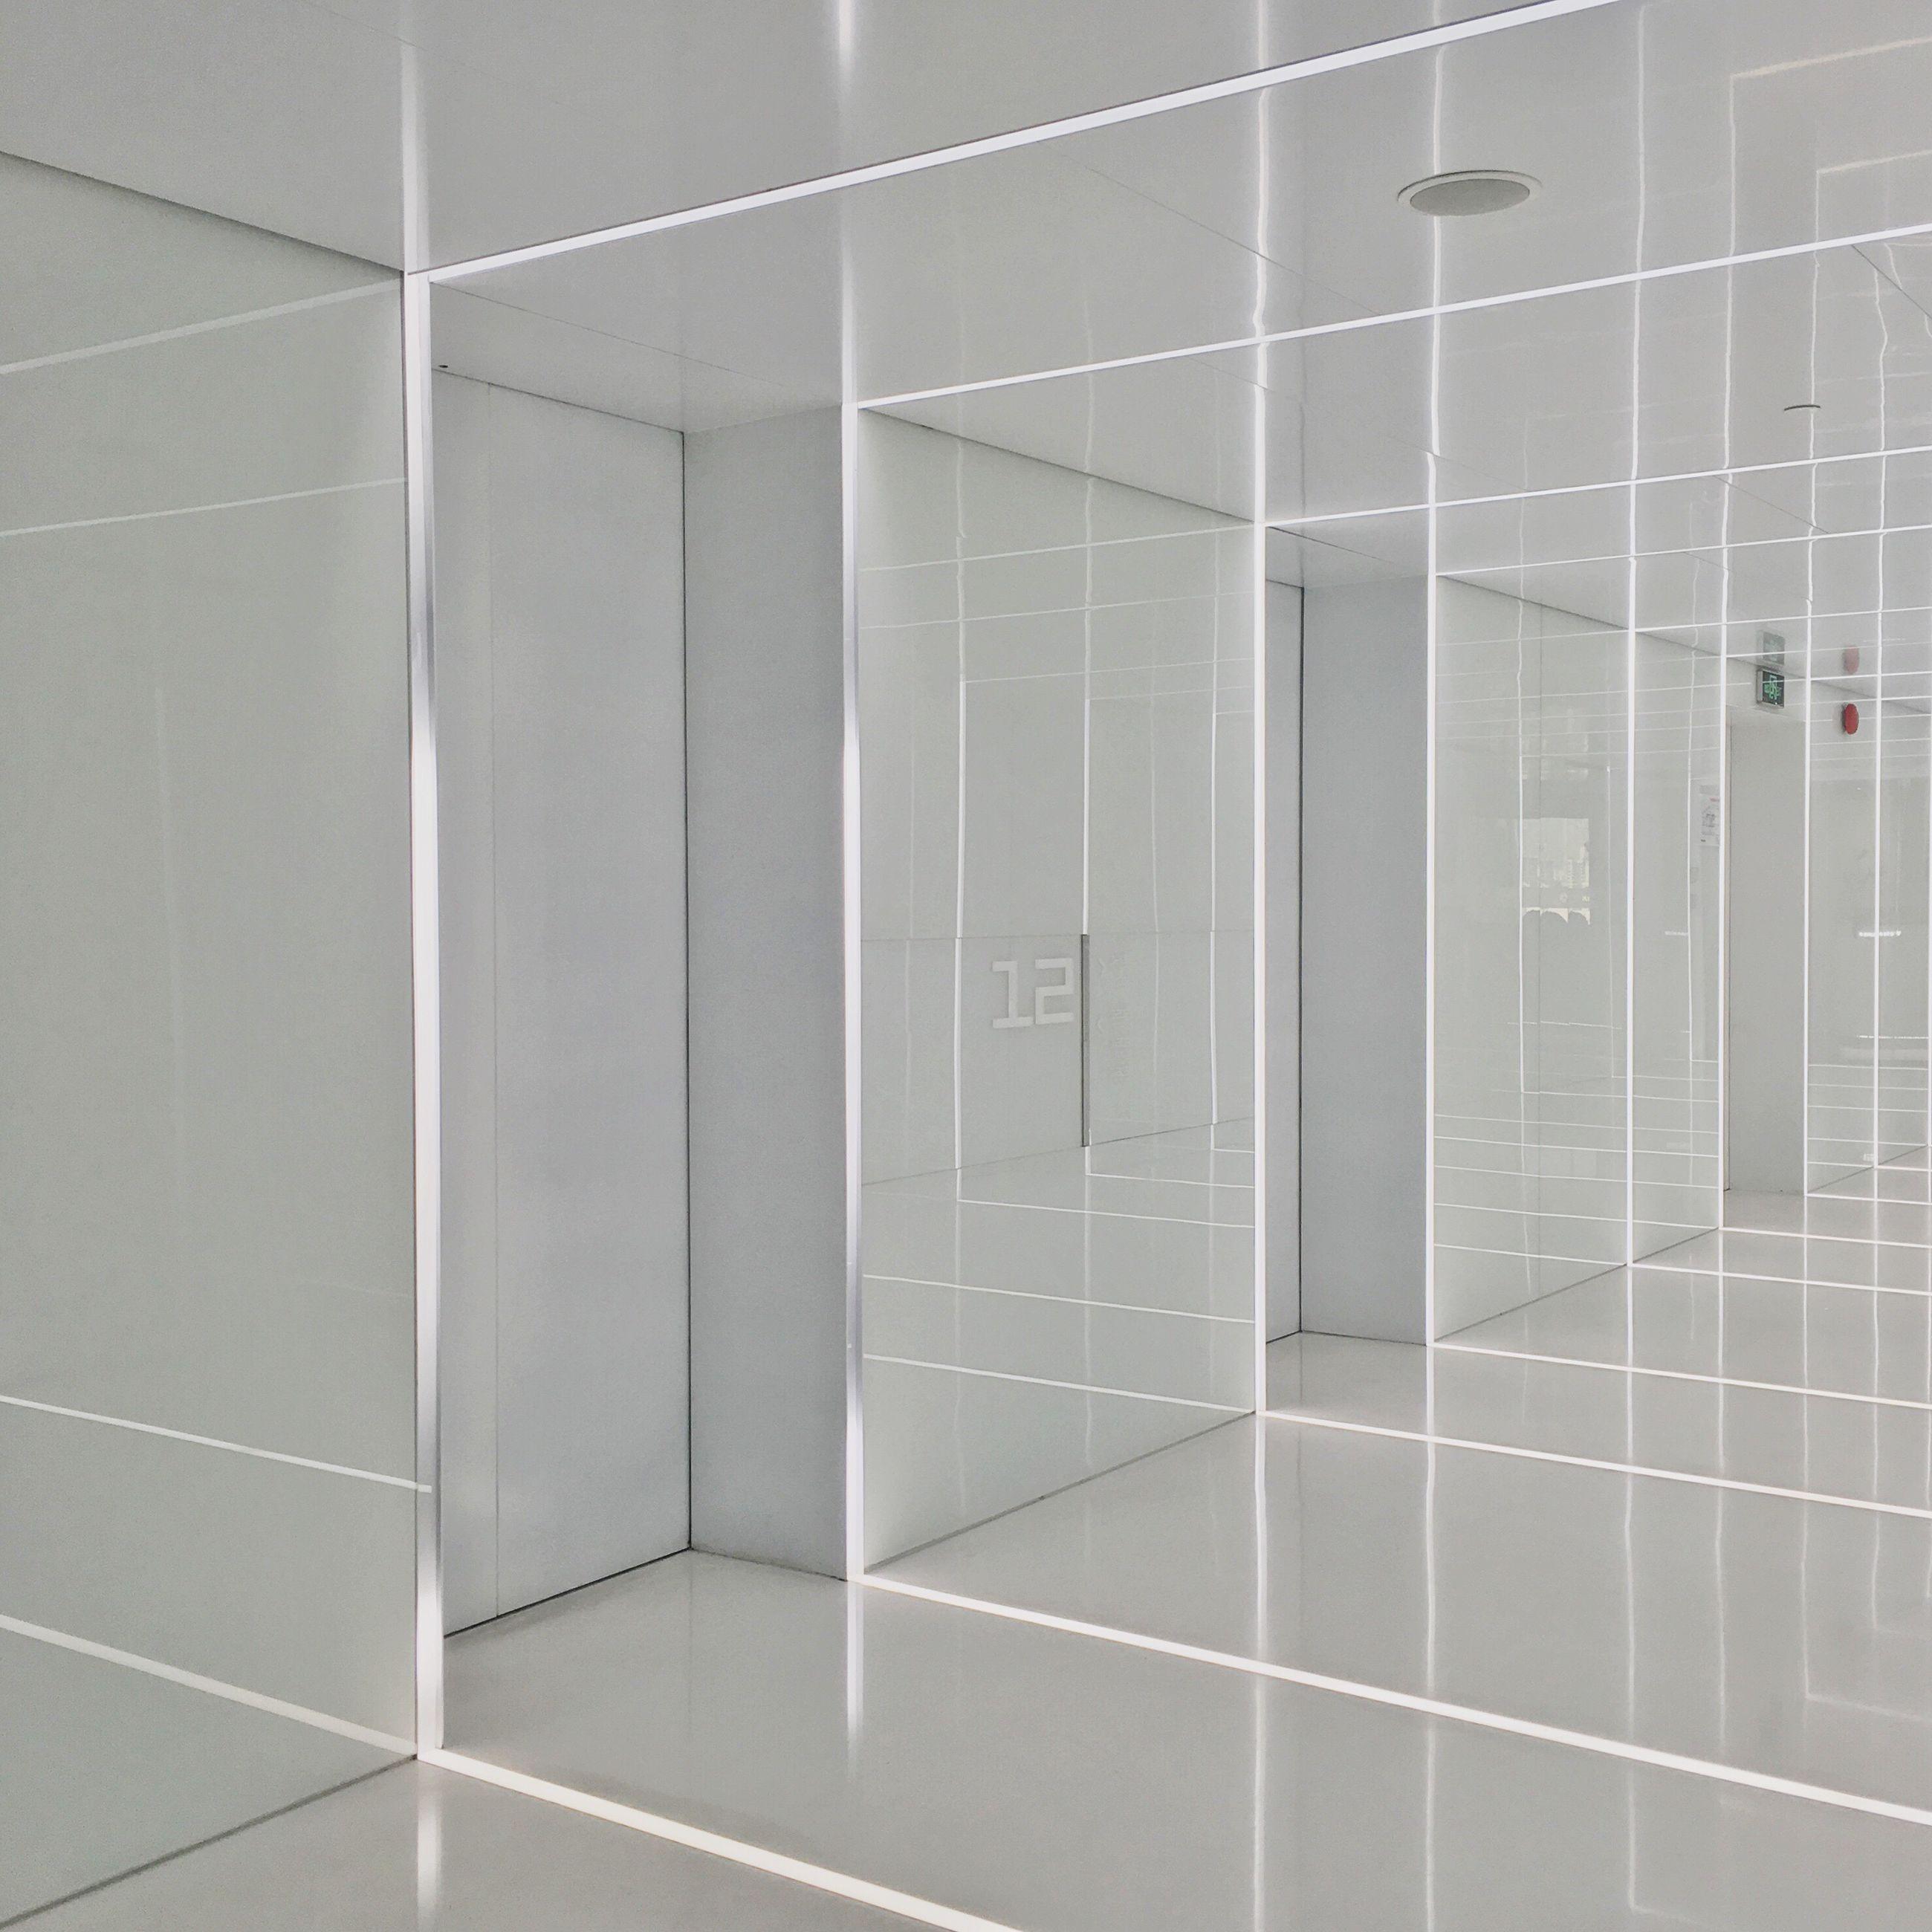 reflection, tile, modern, flooring, illuminated, no people, empty, geometric shape, full frame, backgrounds